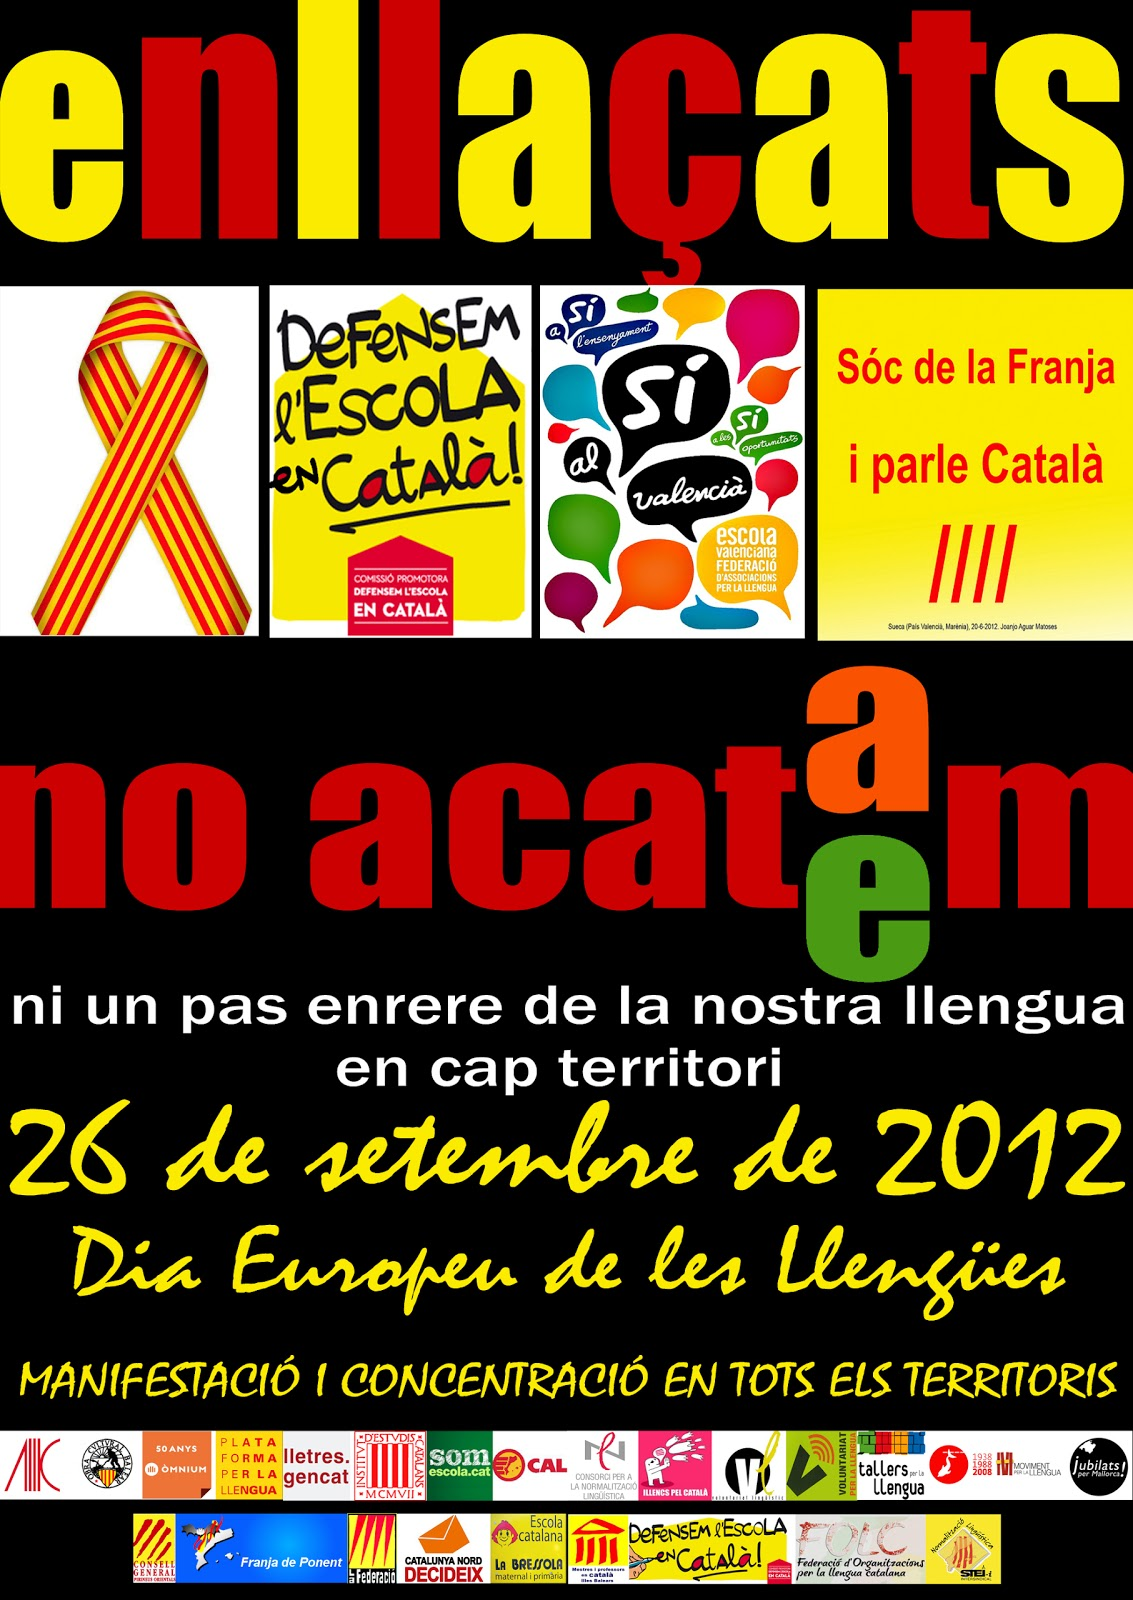 Manifestació en defensa de la llengua catalana (26-09-12)